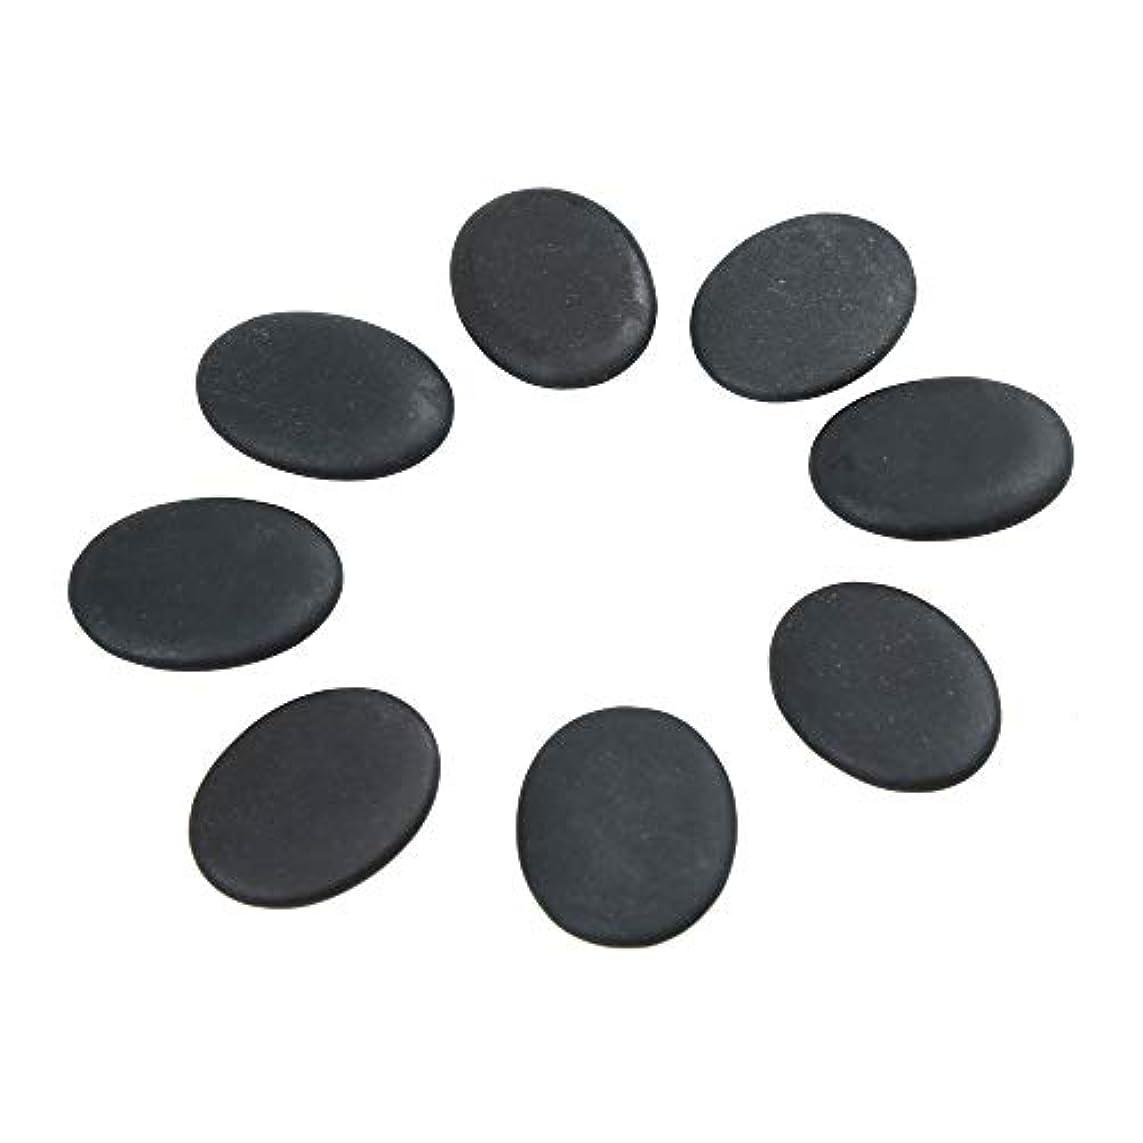 ヤング感嘆回転させるWindfulogo 8個入りホットマッサージストーンセット天然溶岩玄武岩スパマッサージ用暖かいストーンブラックBlack1.18 x 1.57 in(3x4cm)